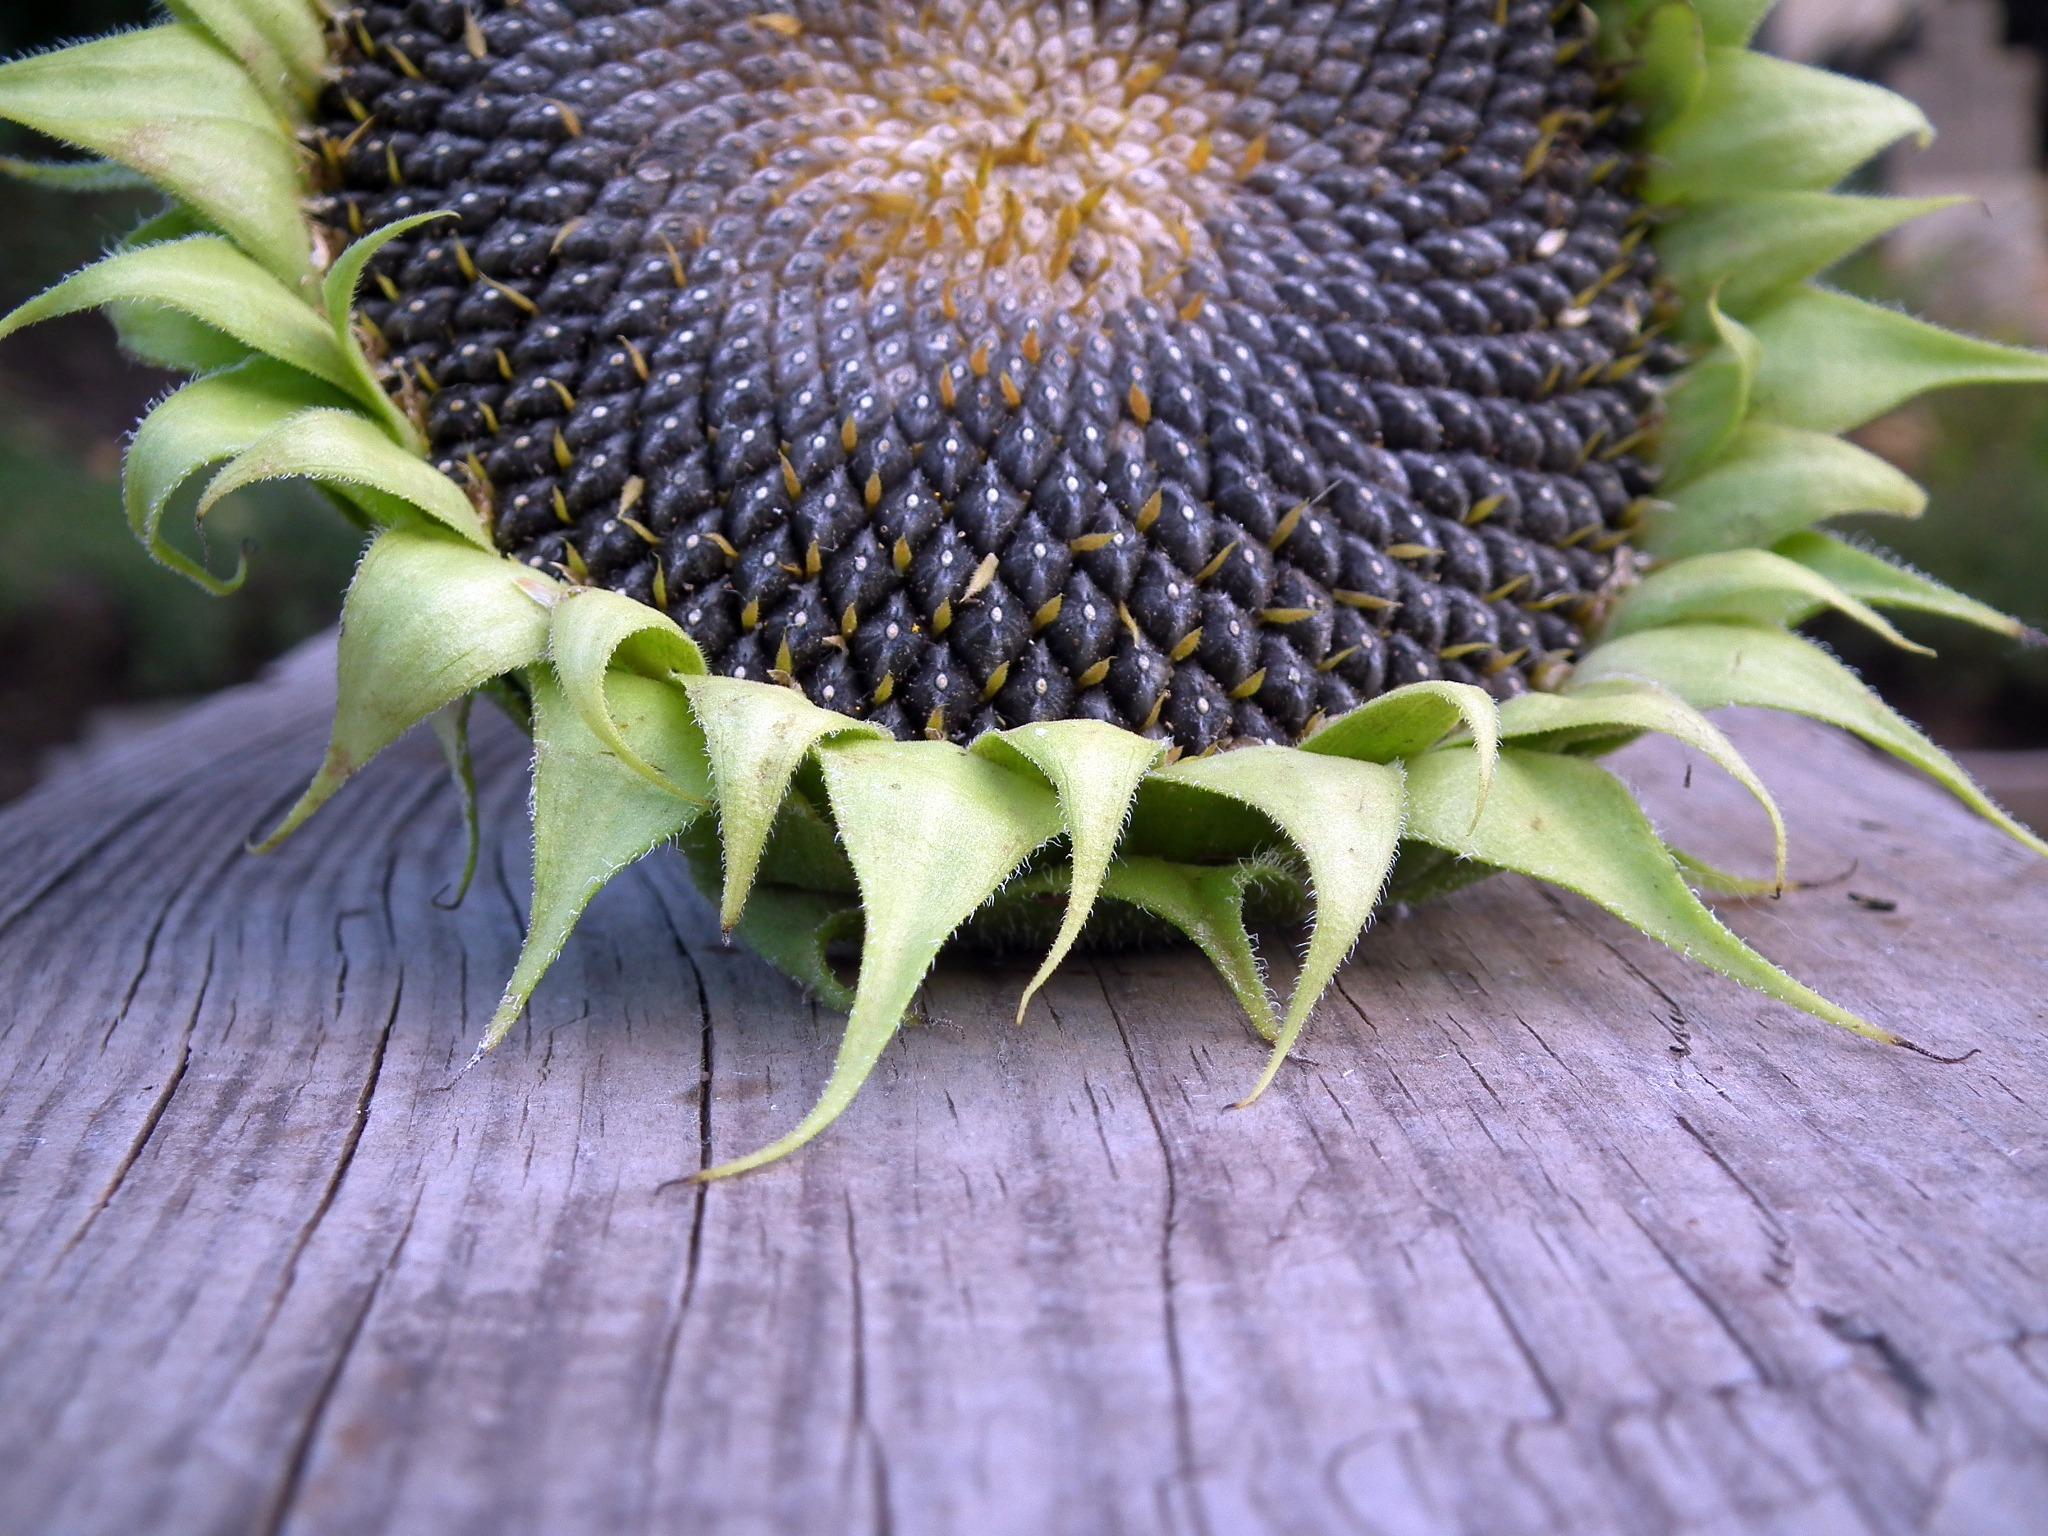 seminte de floarea soarelui - sfatulparintilor.ro - pixabay-com - sunflower-193468